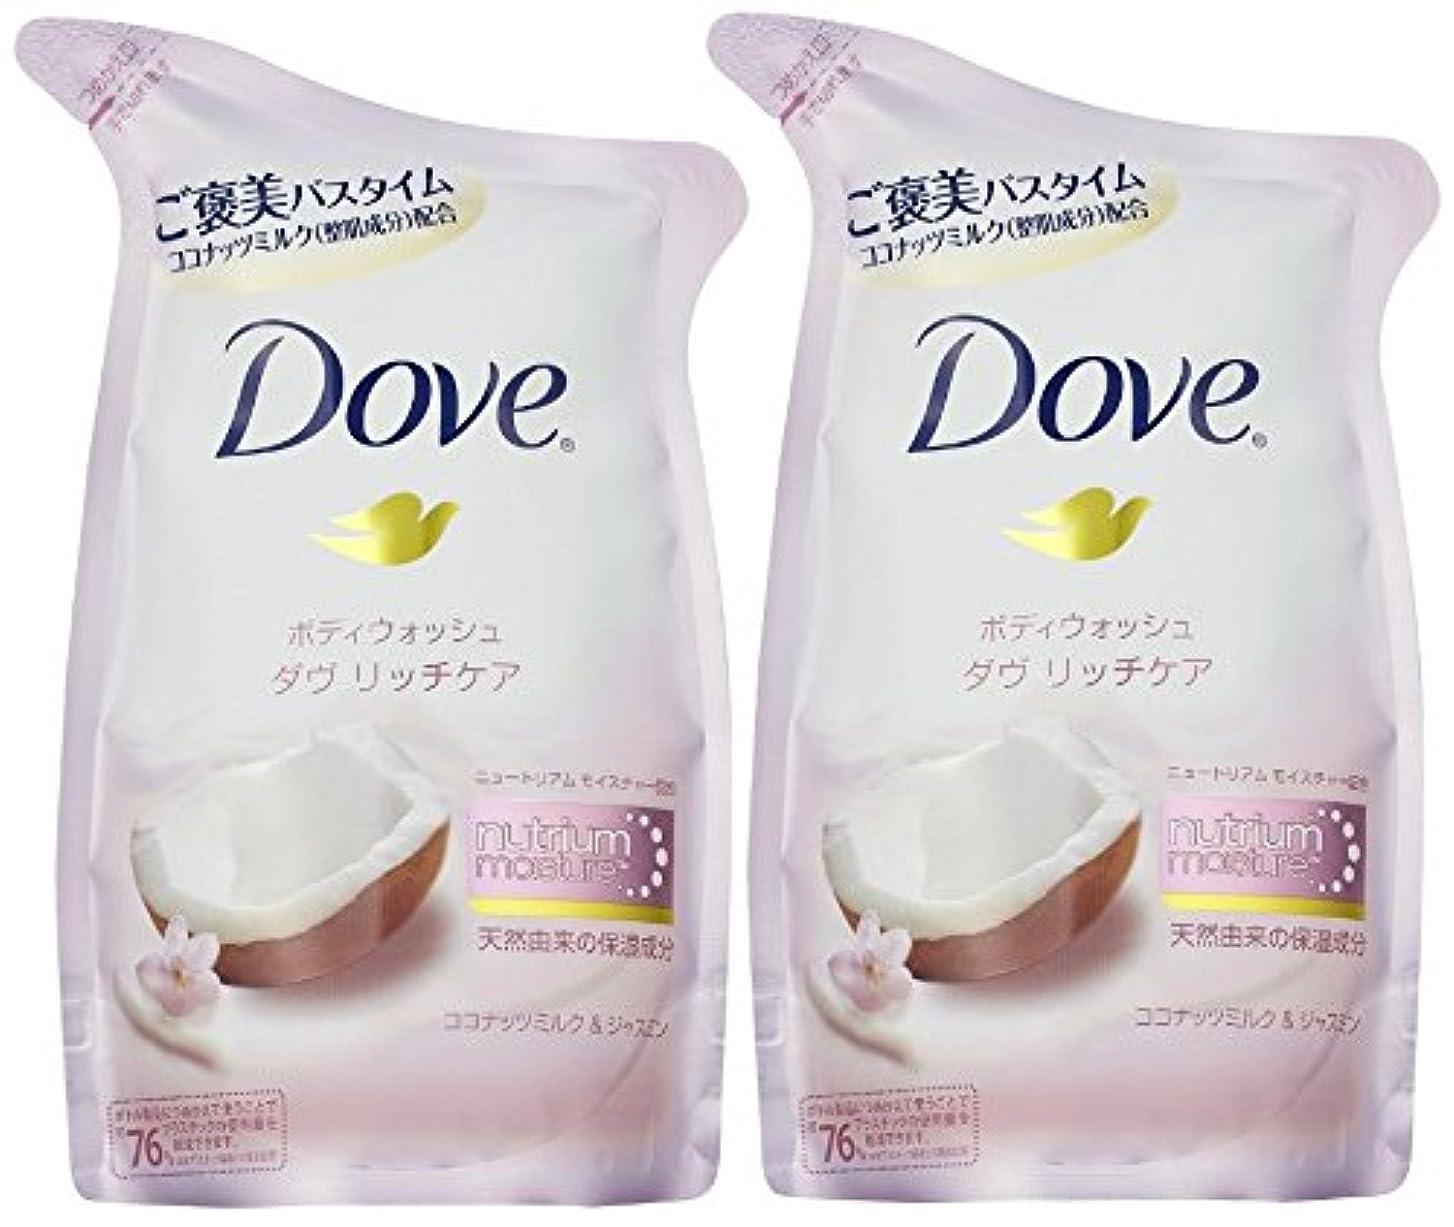 退却黙認する一時停止Dove ダヴ ボディウォッシュ リッチケア ココナッツミルク & ジャスミン つめかえ用 360g×2個パック